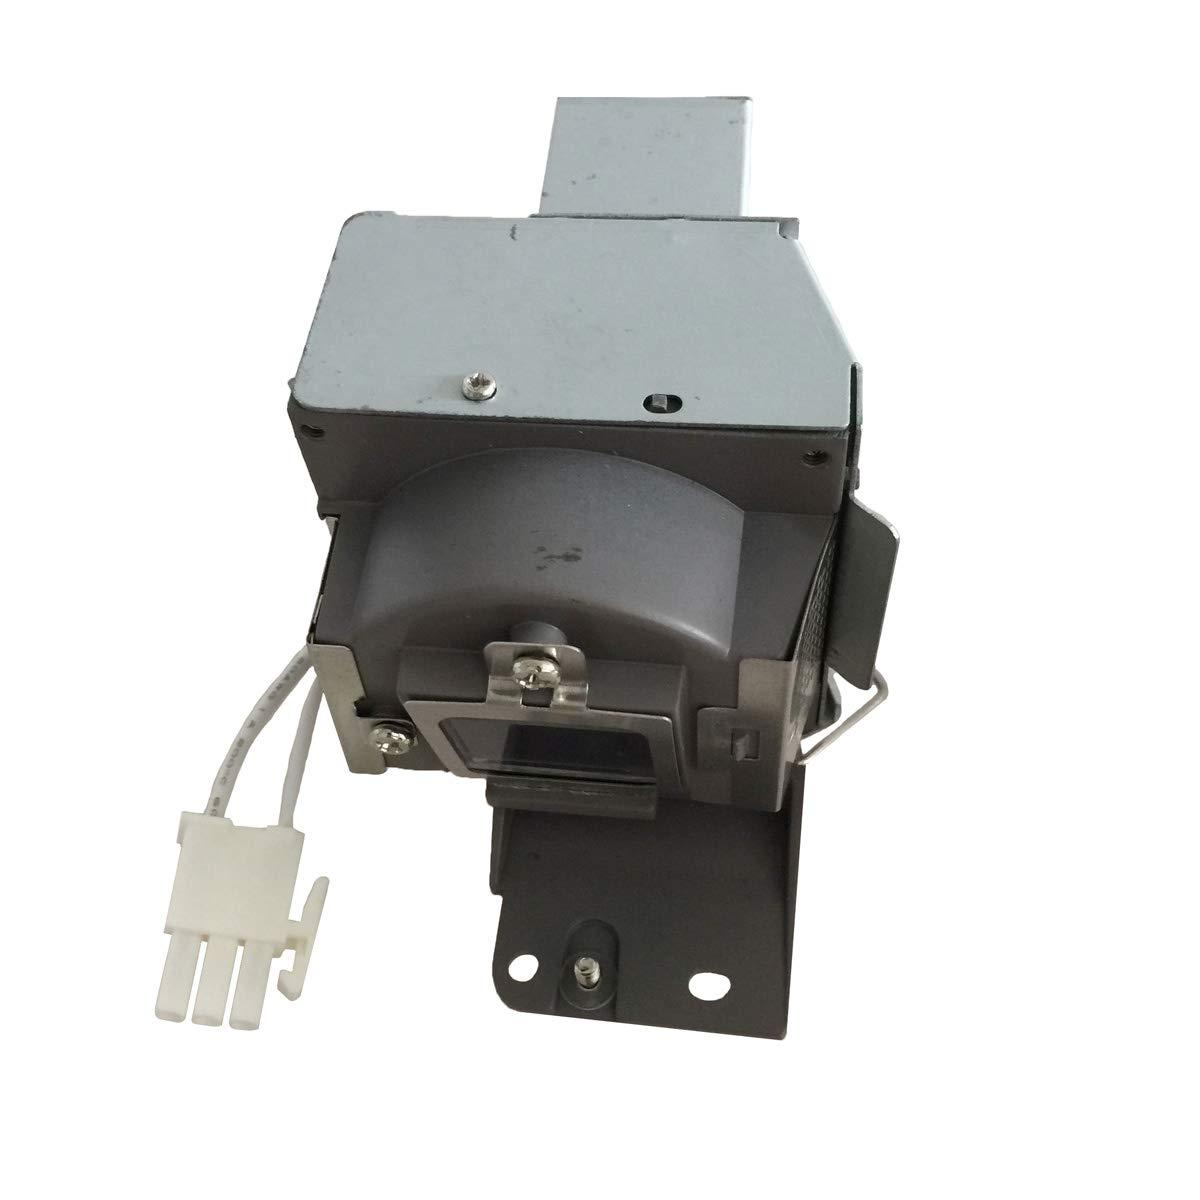 EachLight プロジェクター 交換用 ランプ 5J.J6H05.001(互換性のあるランプ) ベンキューBENQ MS500H/ MS513P/ MX514P/ TS513P 対応   B07GFJKG9S